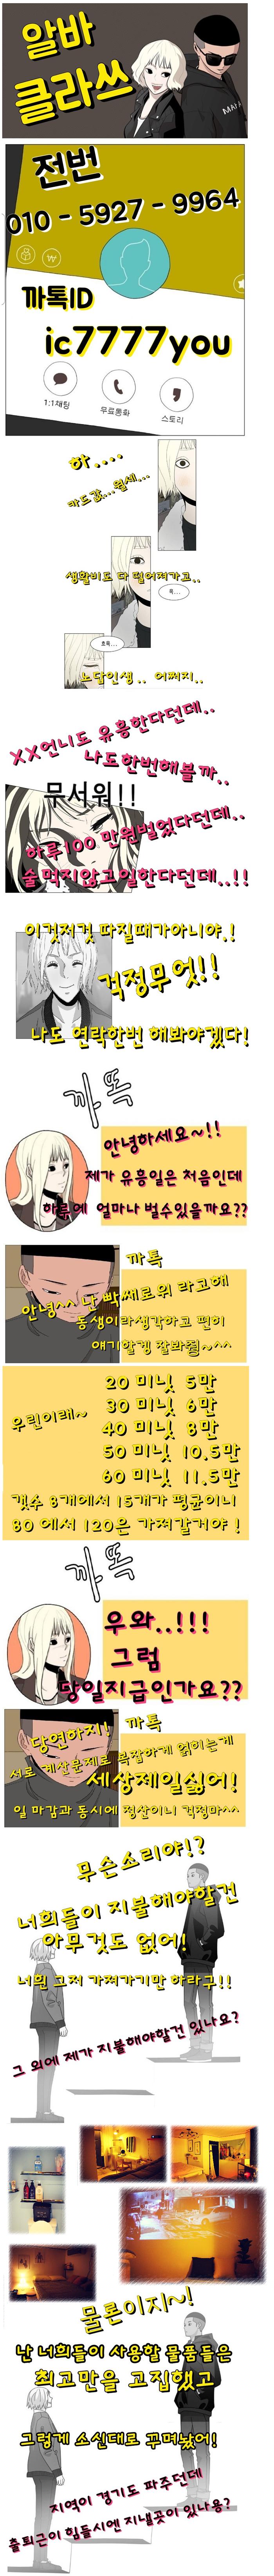 미미알바 - 유흥알바,밤알바,룸알바,여우알바,고수입알바 정보를 제공